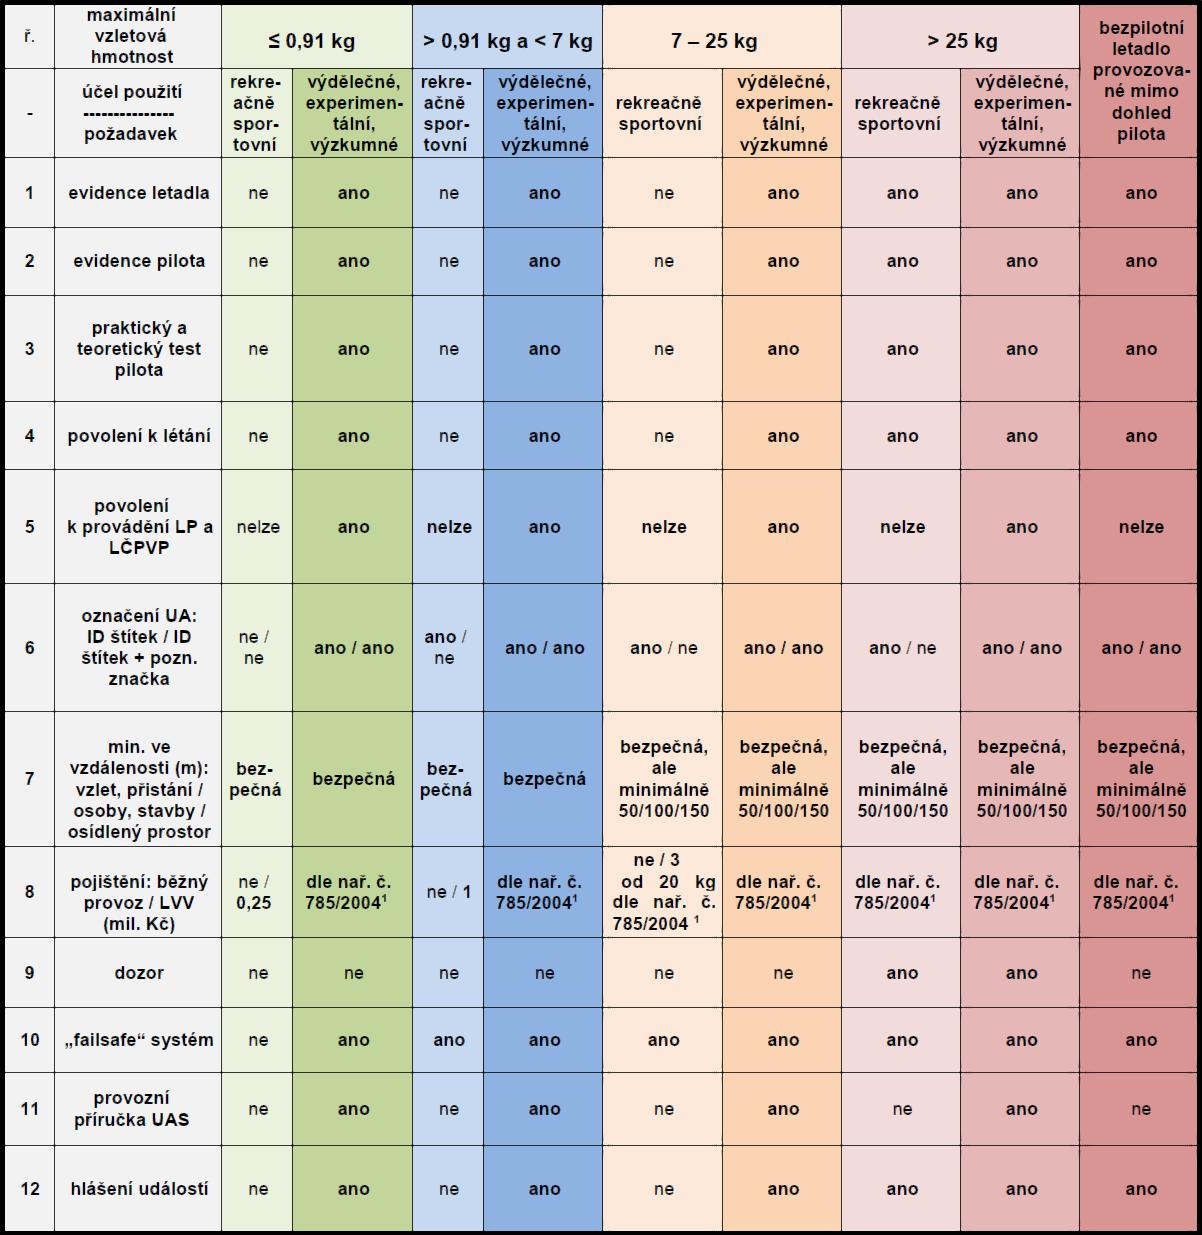 Barevně doplněná tabulka 1 z  Doplňku X  v podobě platné k 28.1.2019. Aktuální znění najdete vždy na  webu  LIS ŘLP ČR.